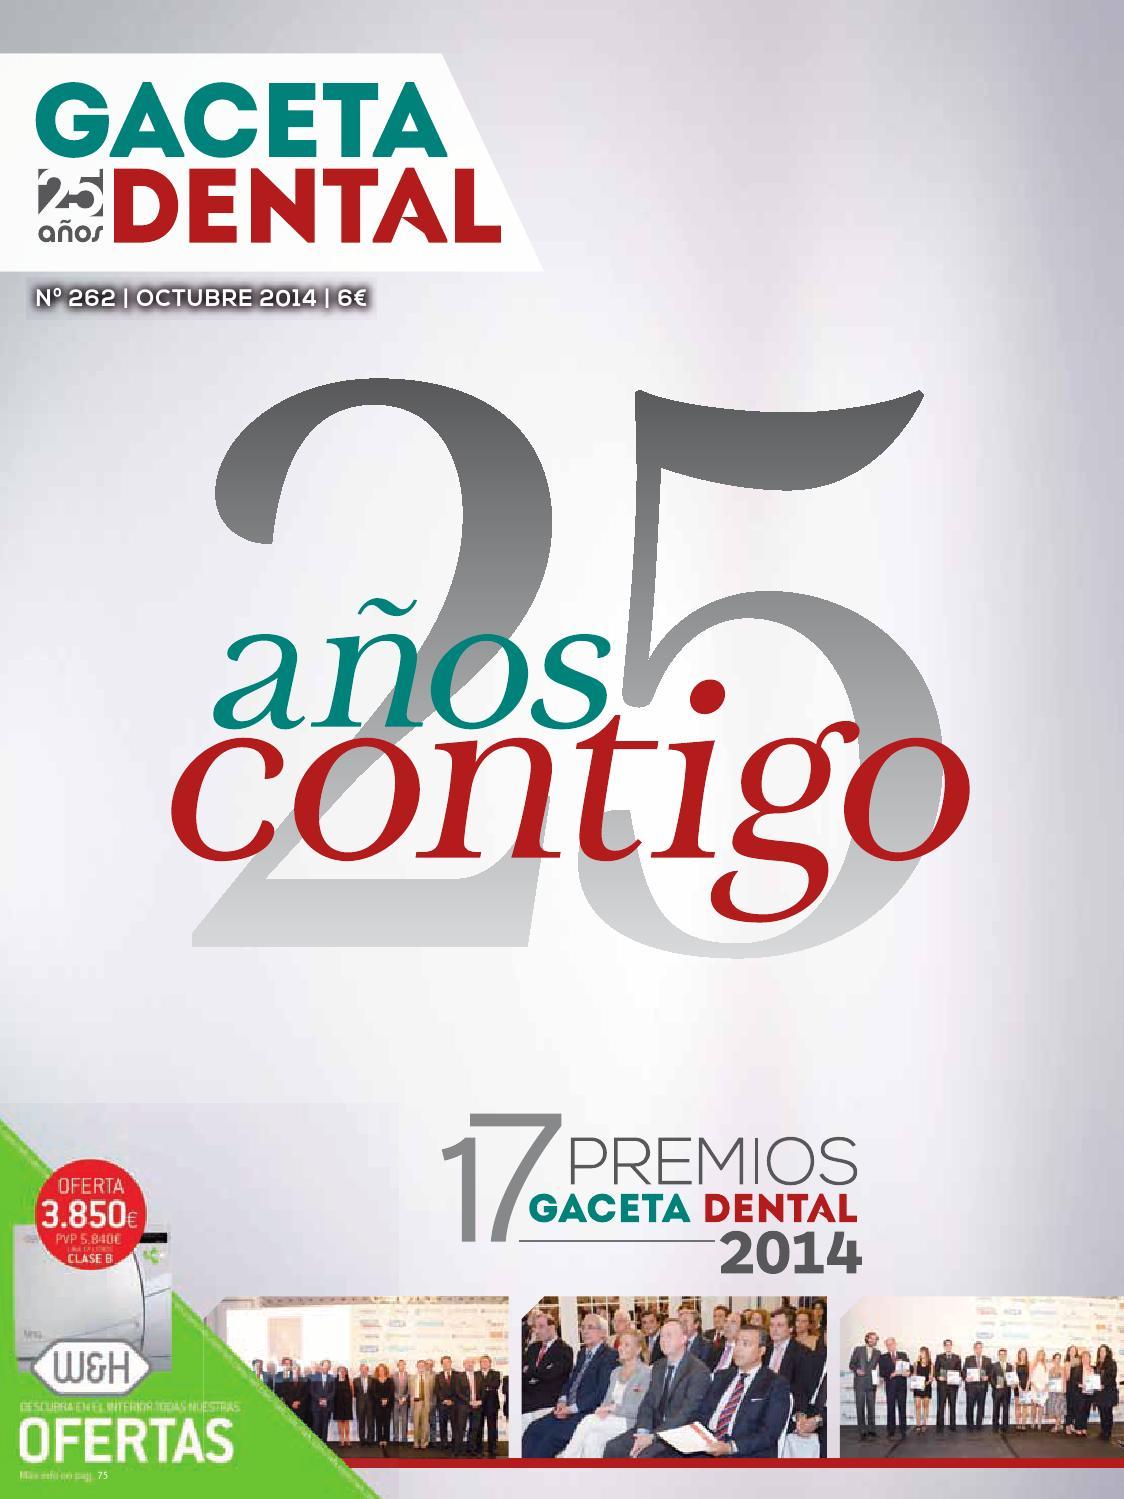 Gaceta Dental - 262 by Peldaño - issuu